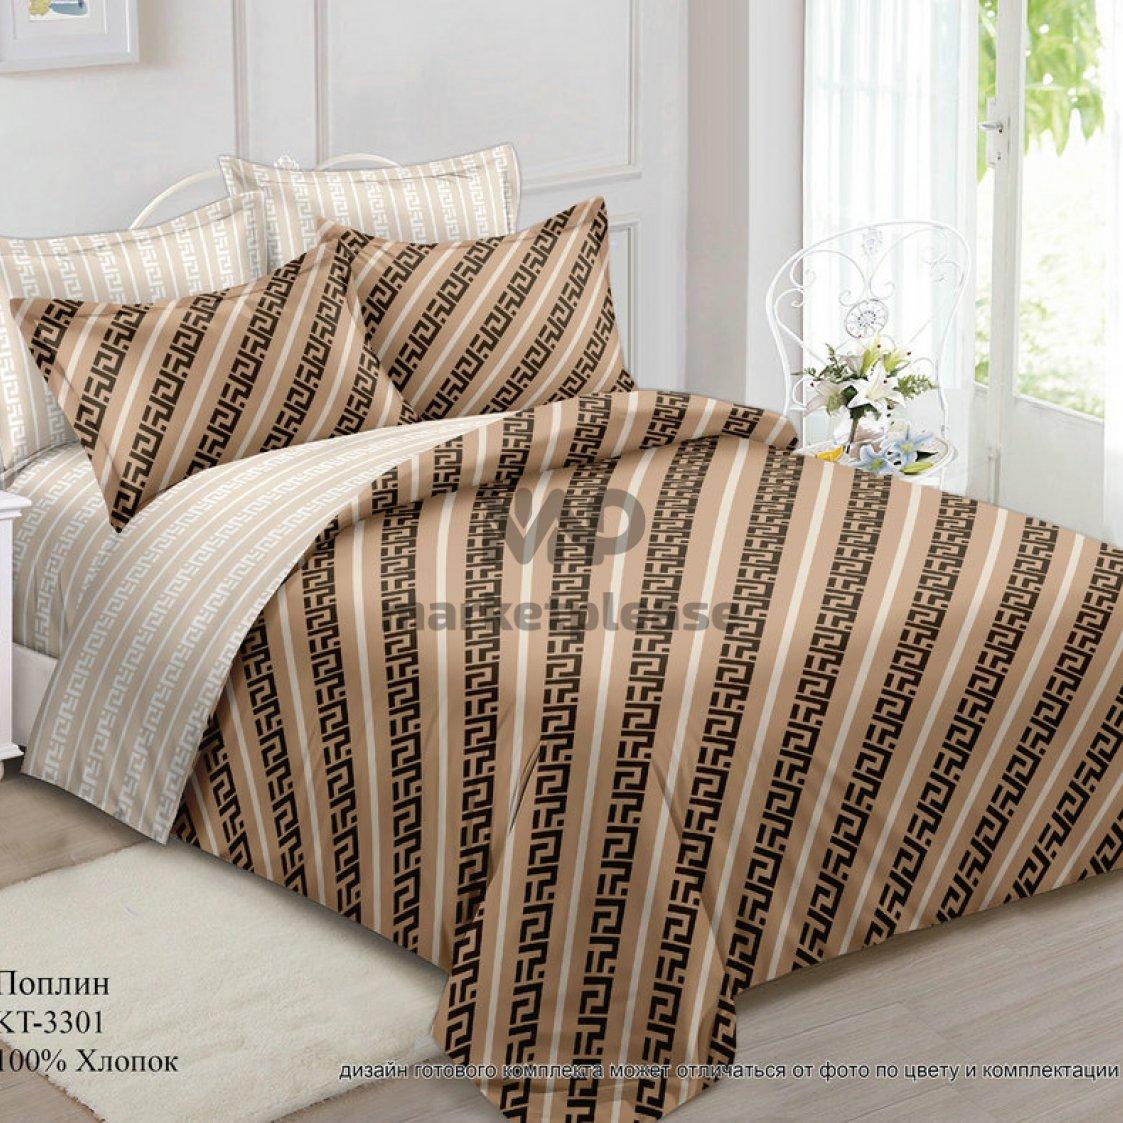 """Рулон ткани поплин """"КТ3301"""" 220 см."""